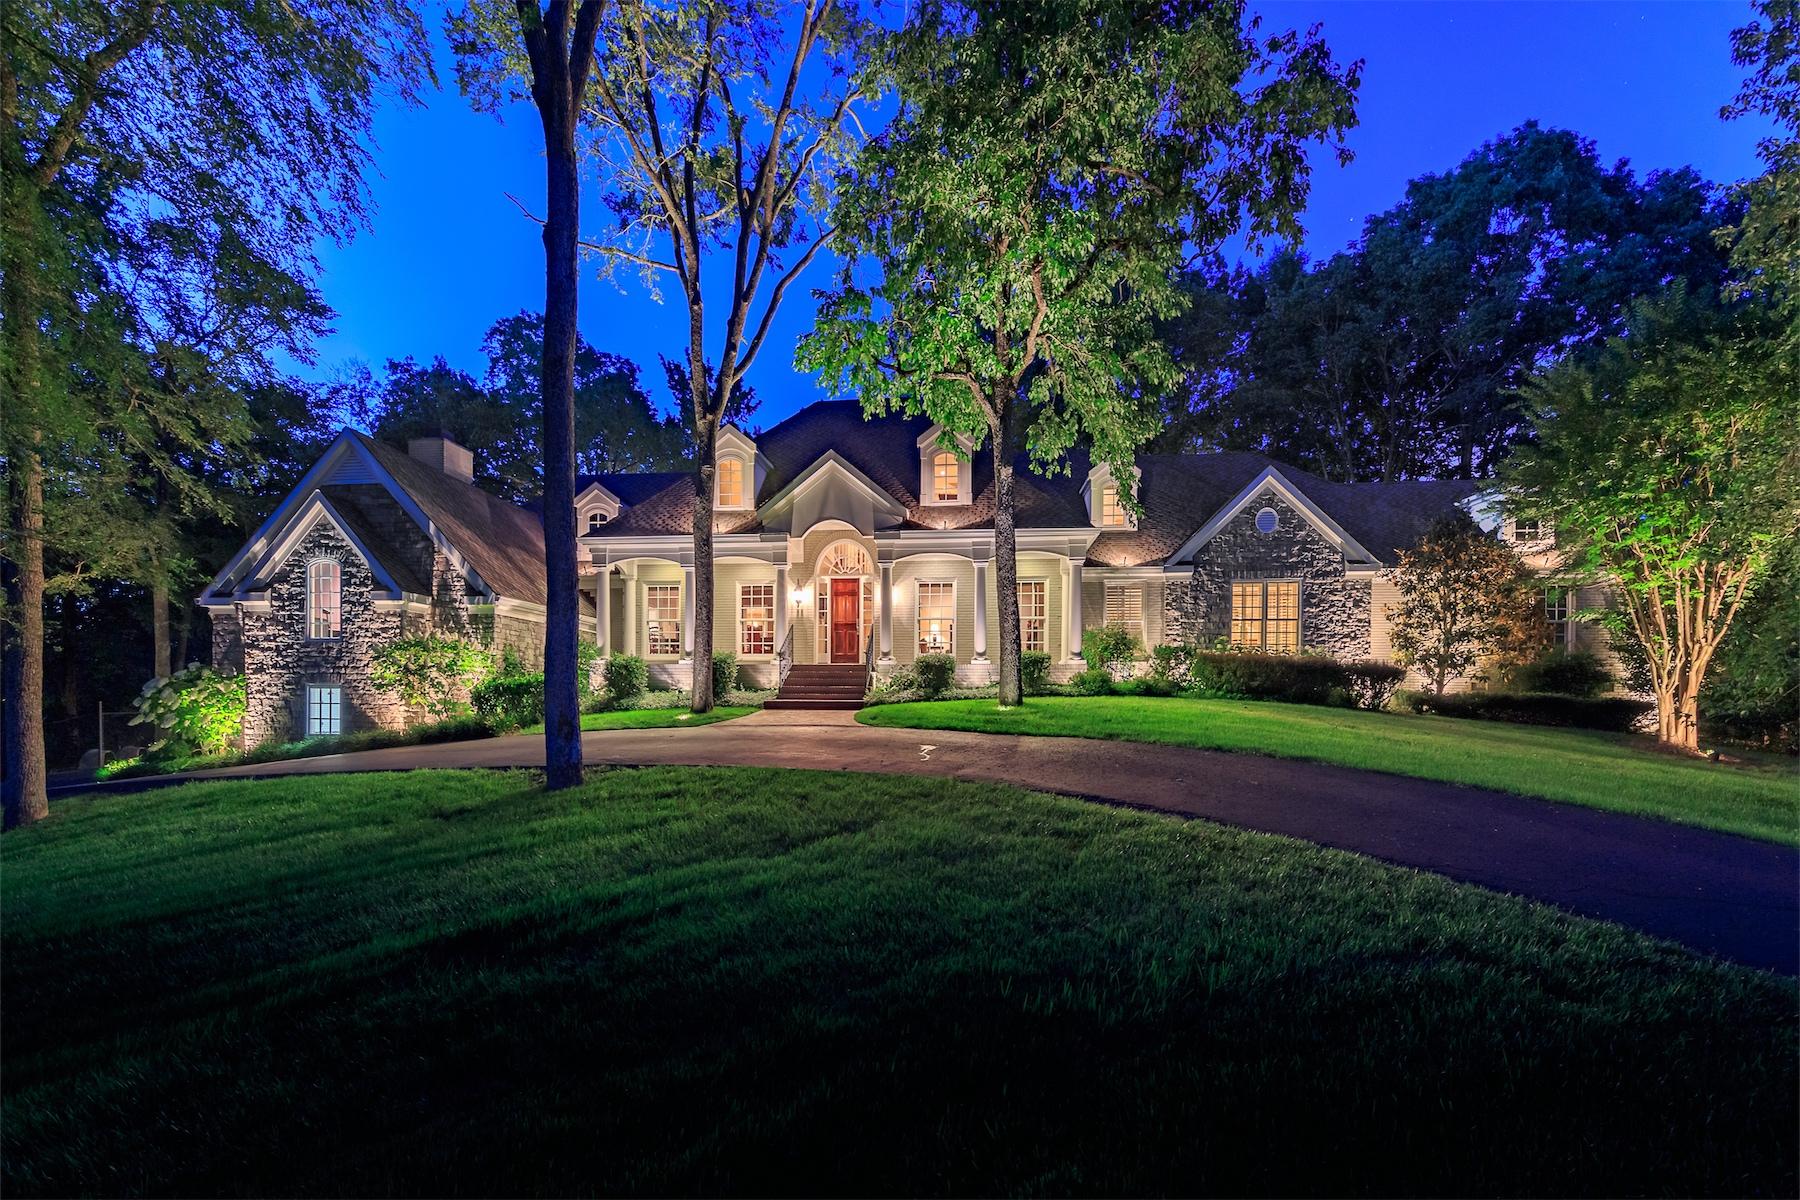 Terreno por un Venta en Private Gated Estate on 41 Acres in Franklin 4508 Murfreesboro Road Franklin, Tennessee, 37067 South, Estados Unidos